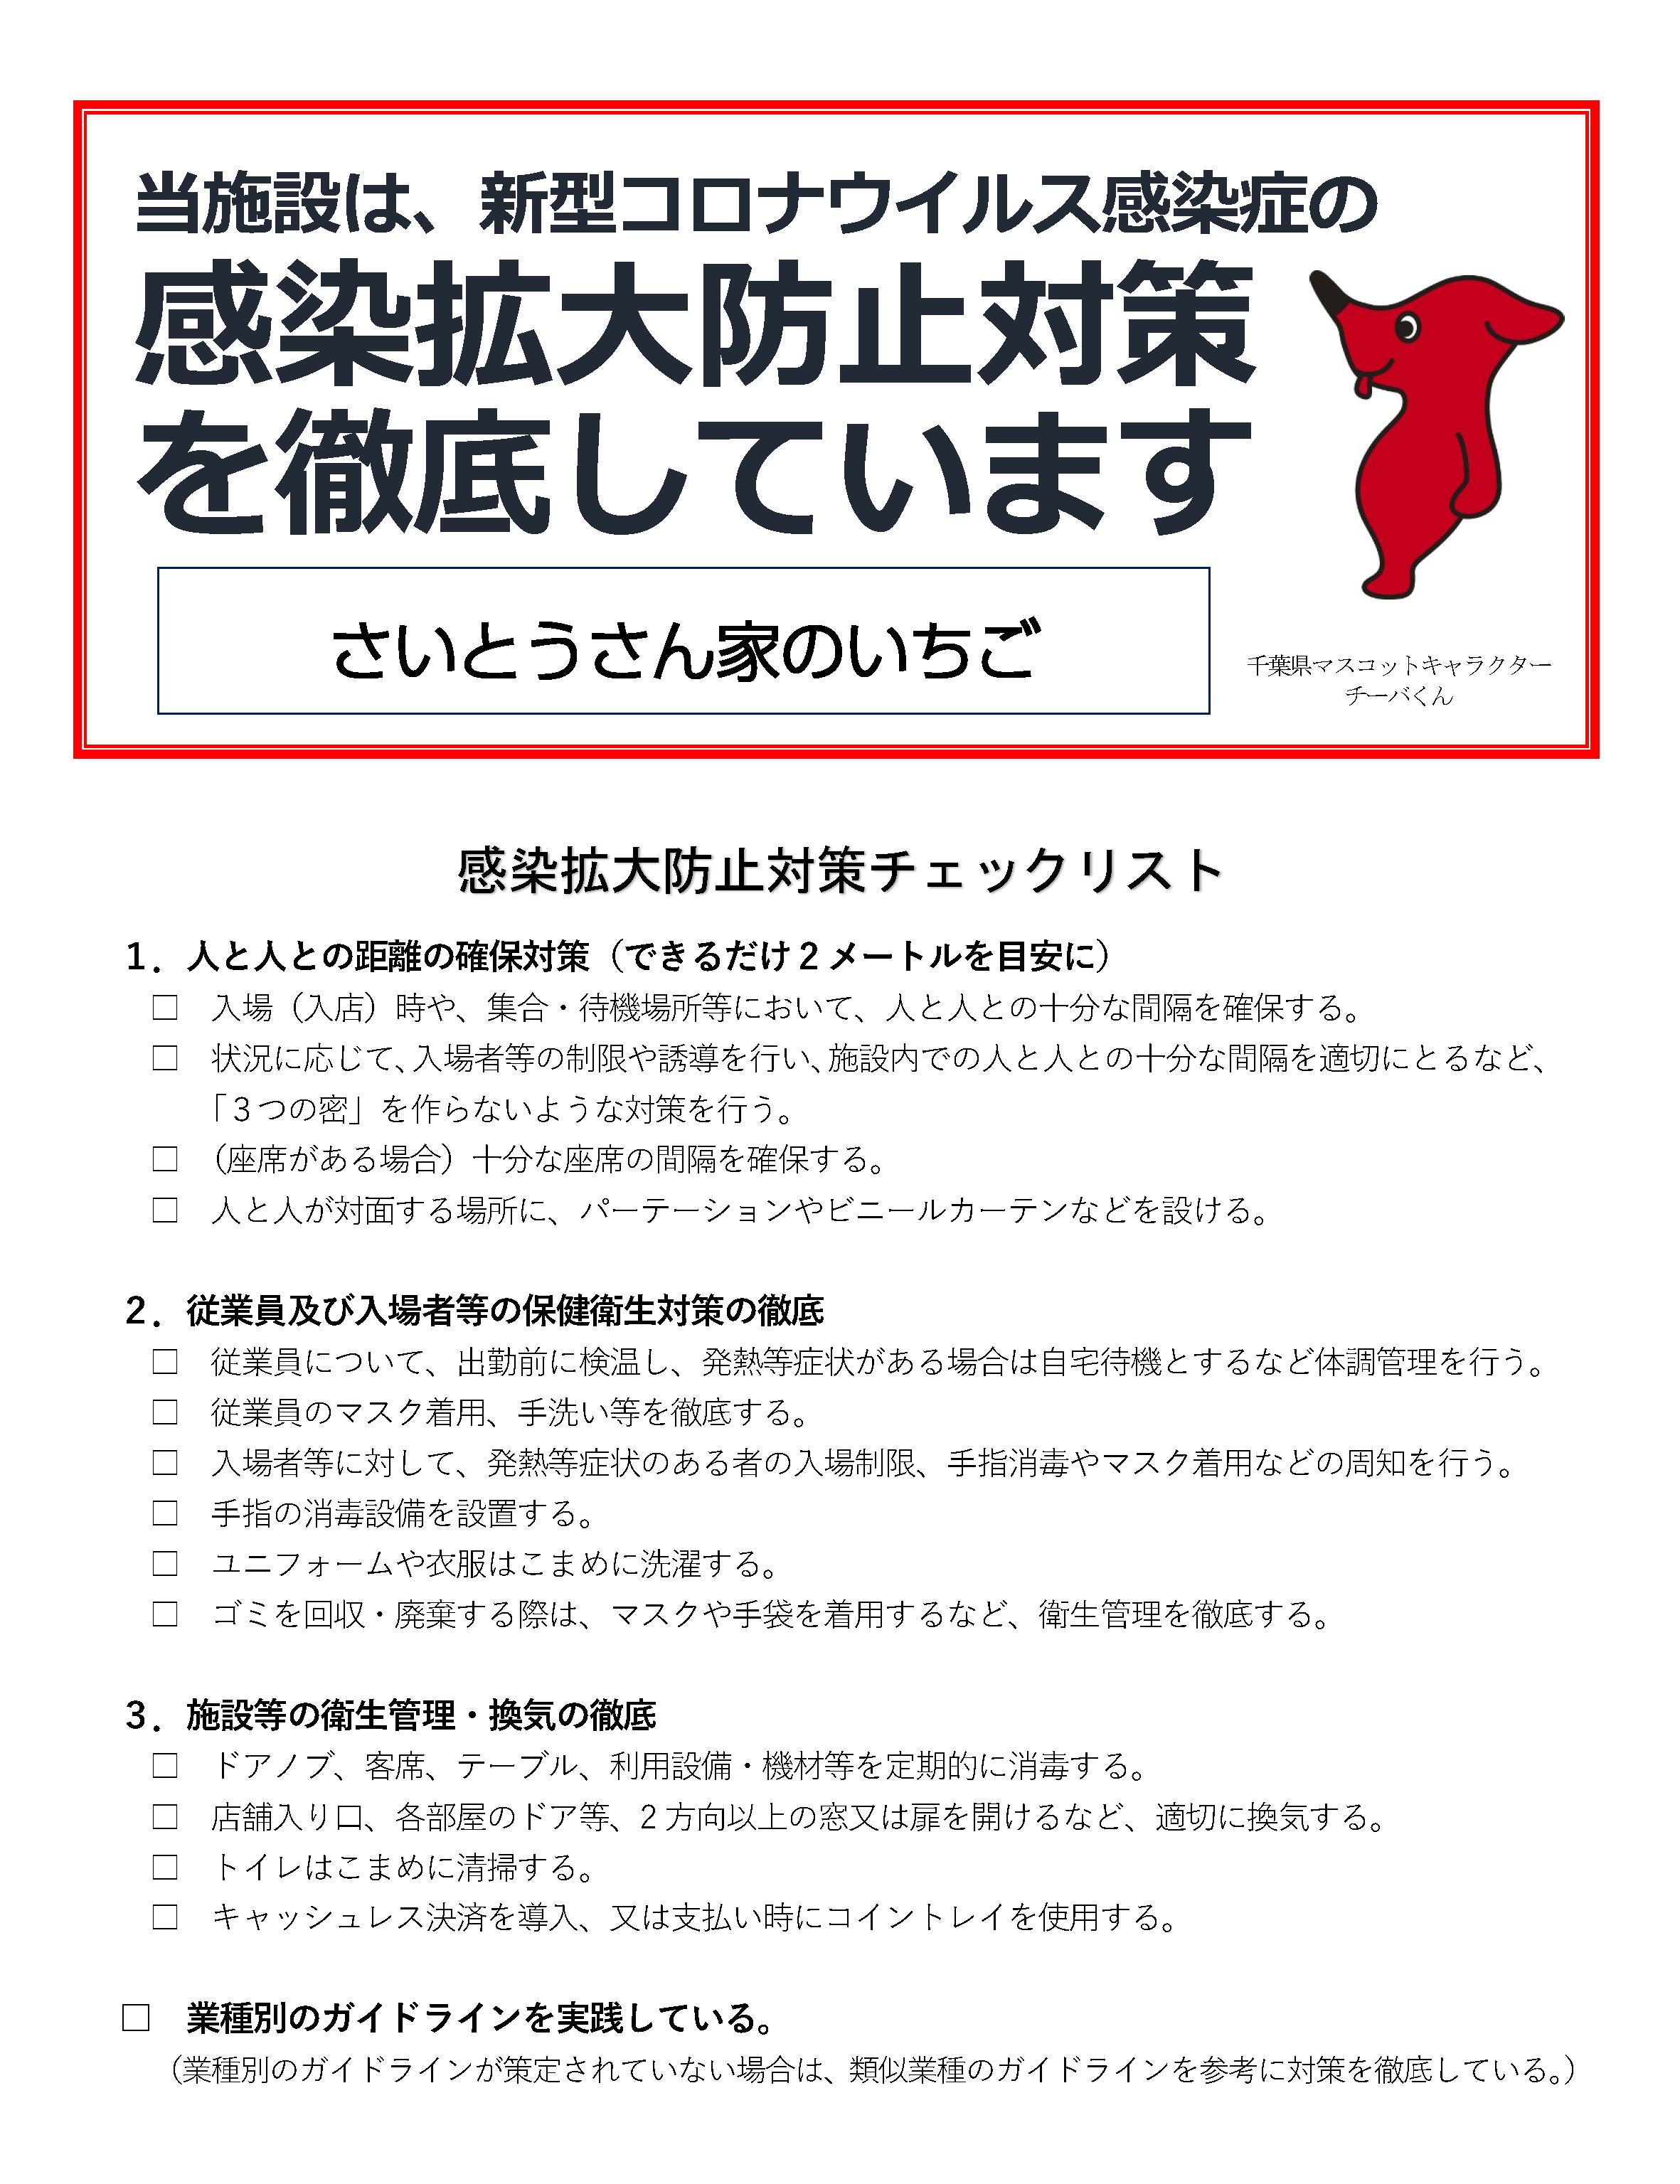 新型コロナウイルス感染症の感染拡大防止対策チェックリスト